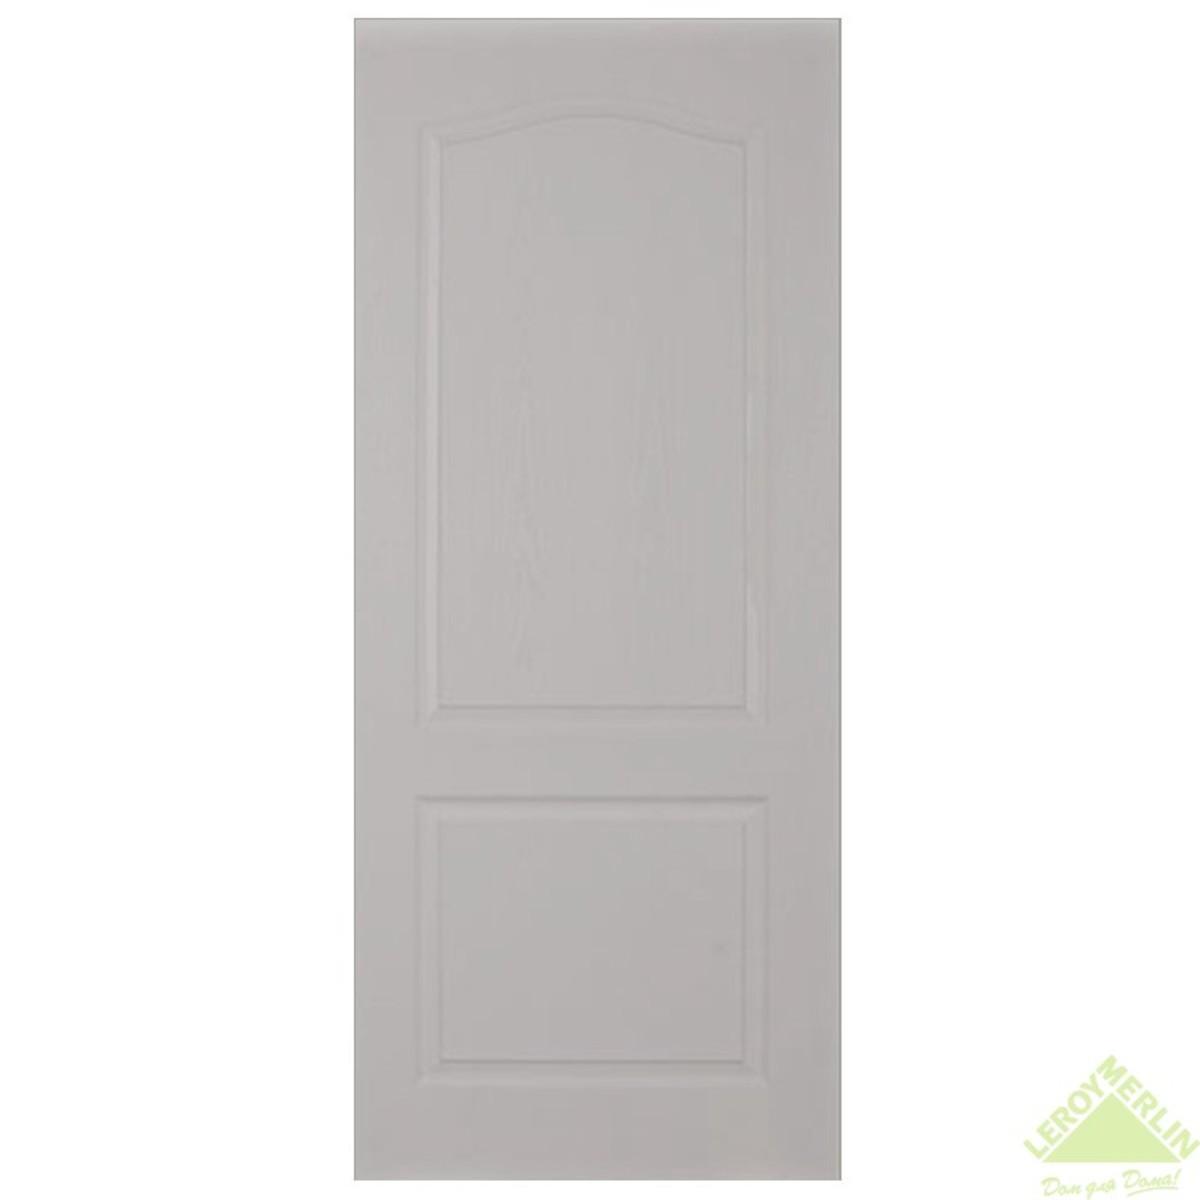 Дверь Межкомнатная Глухая Палитра 60x200 Ламинация Цвет Дуб Белёный